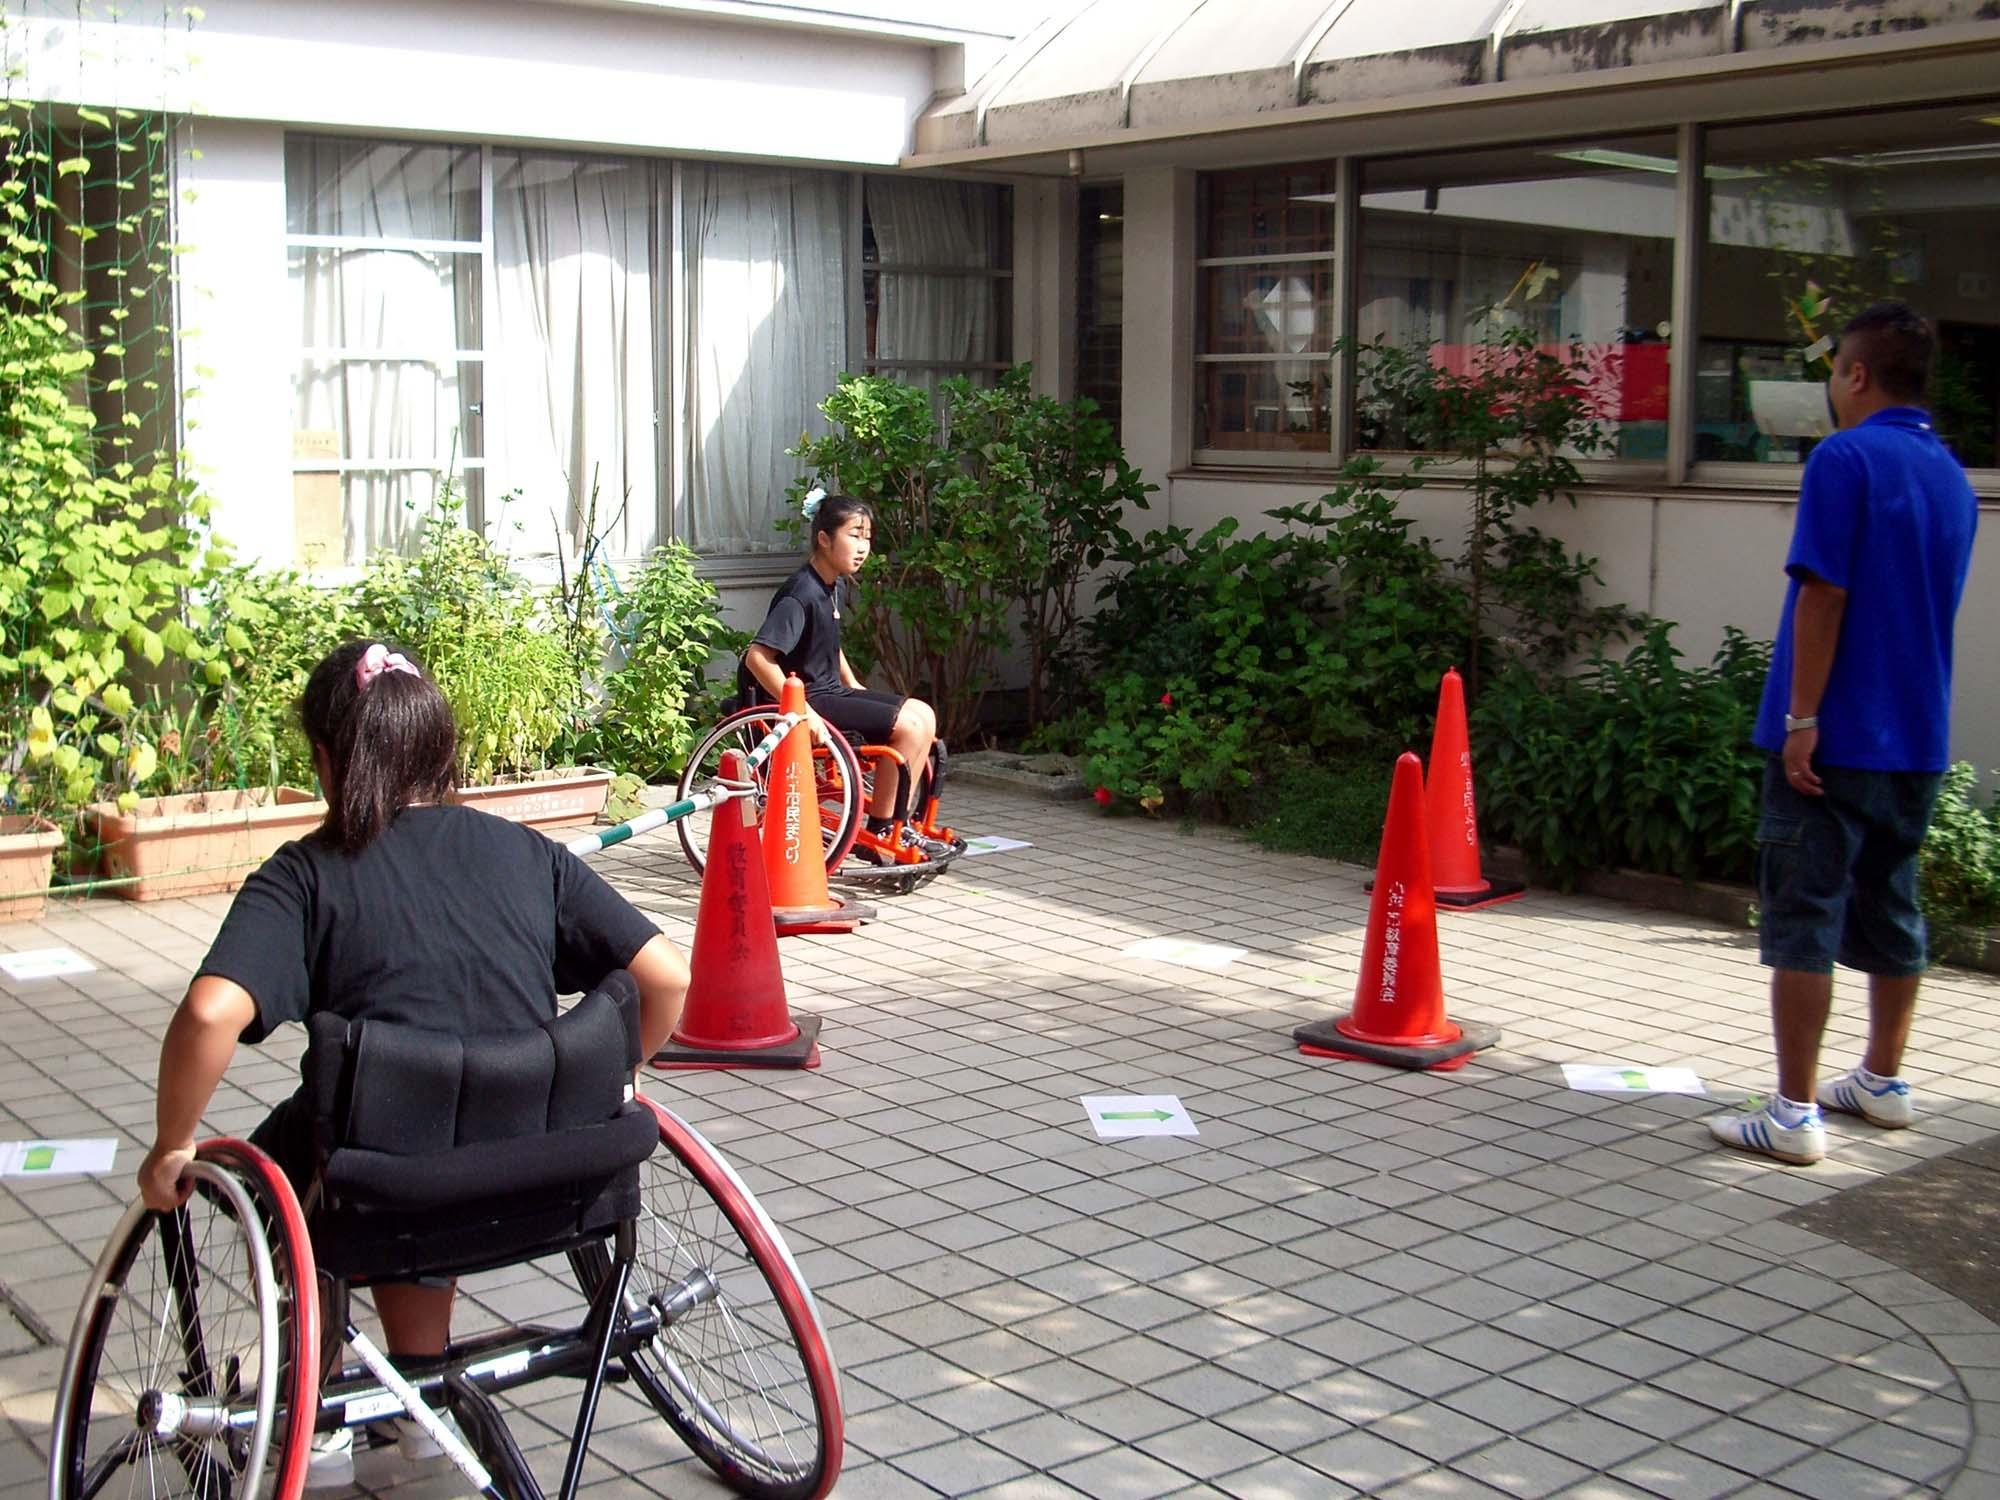 IMGP2333 - 地域支援事業より・・・小平市立障害者福祉センター第25回センターまつりに伺いました